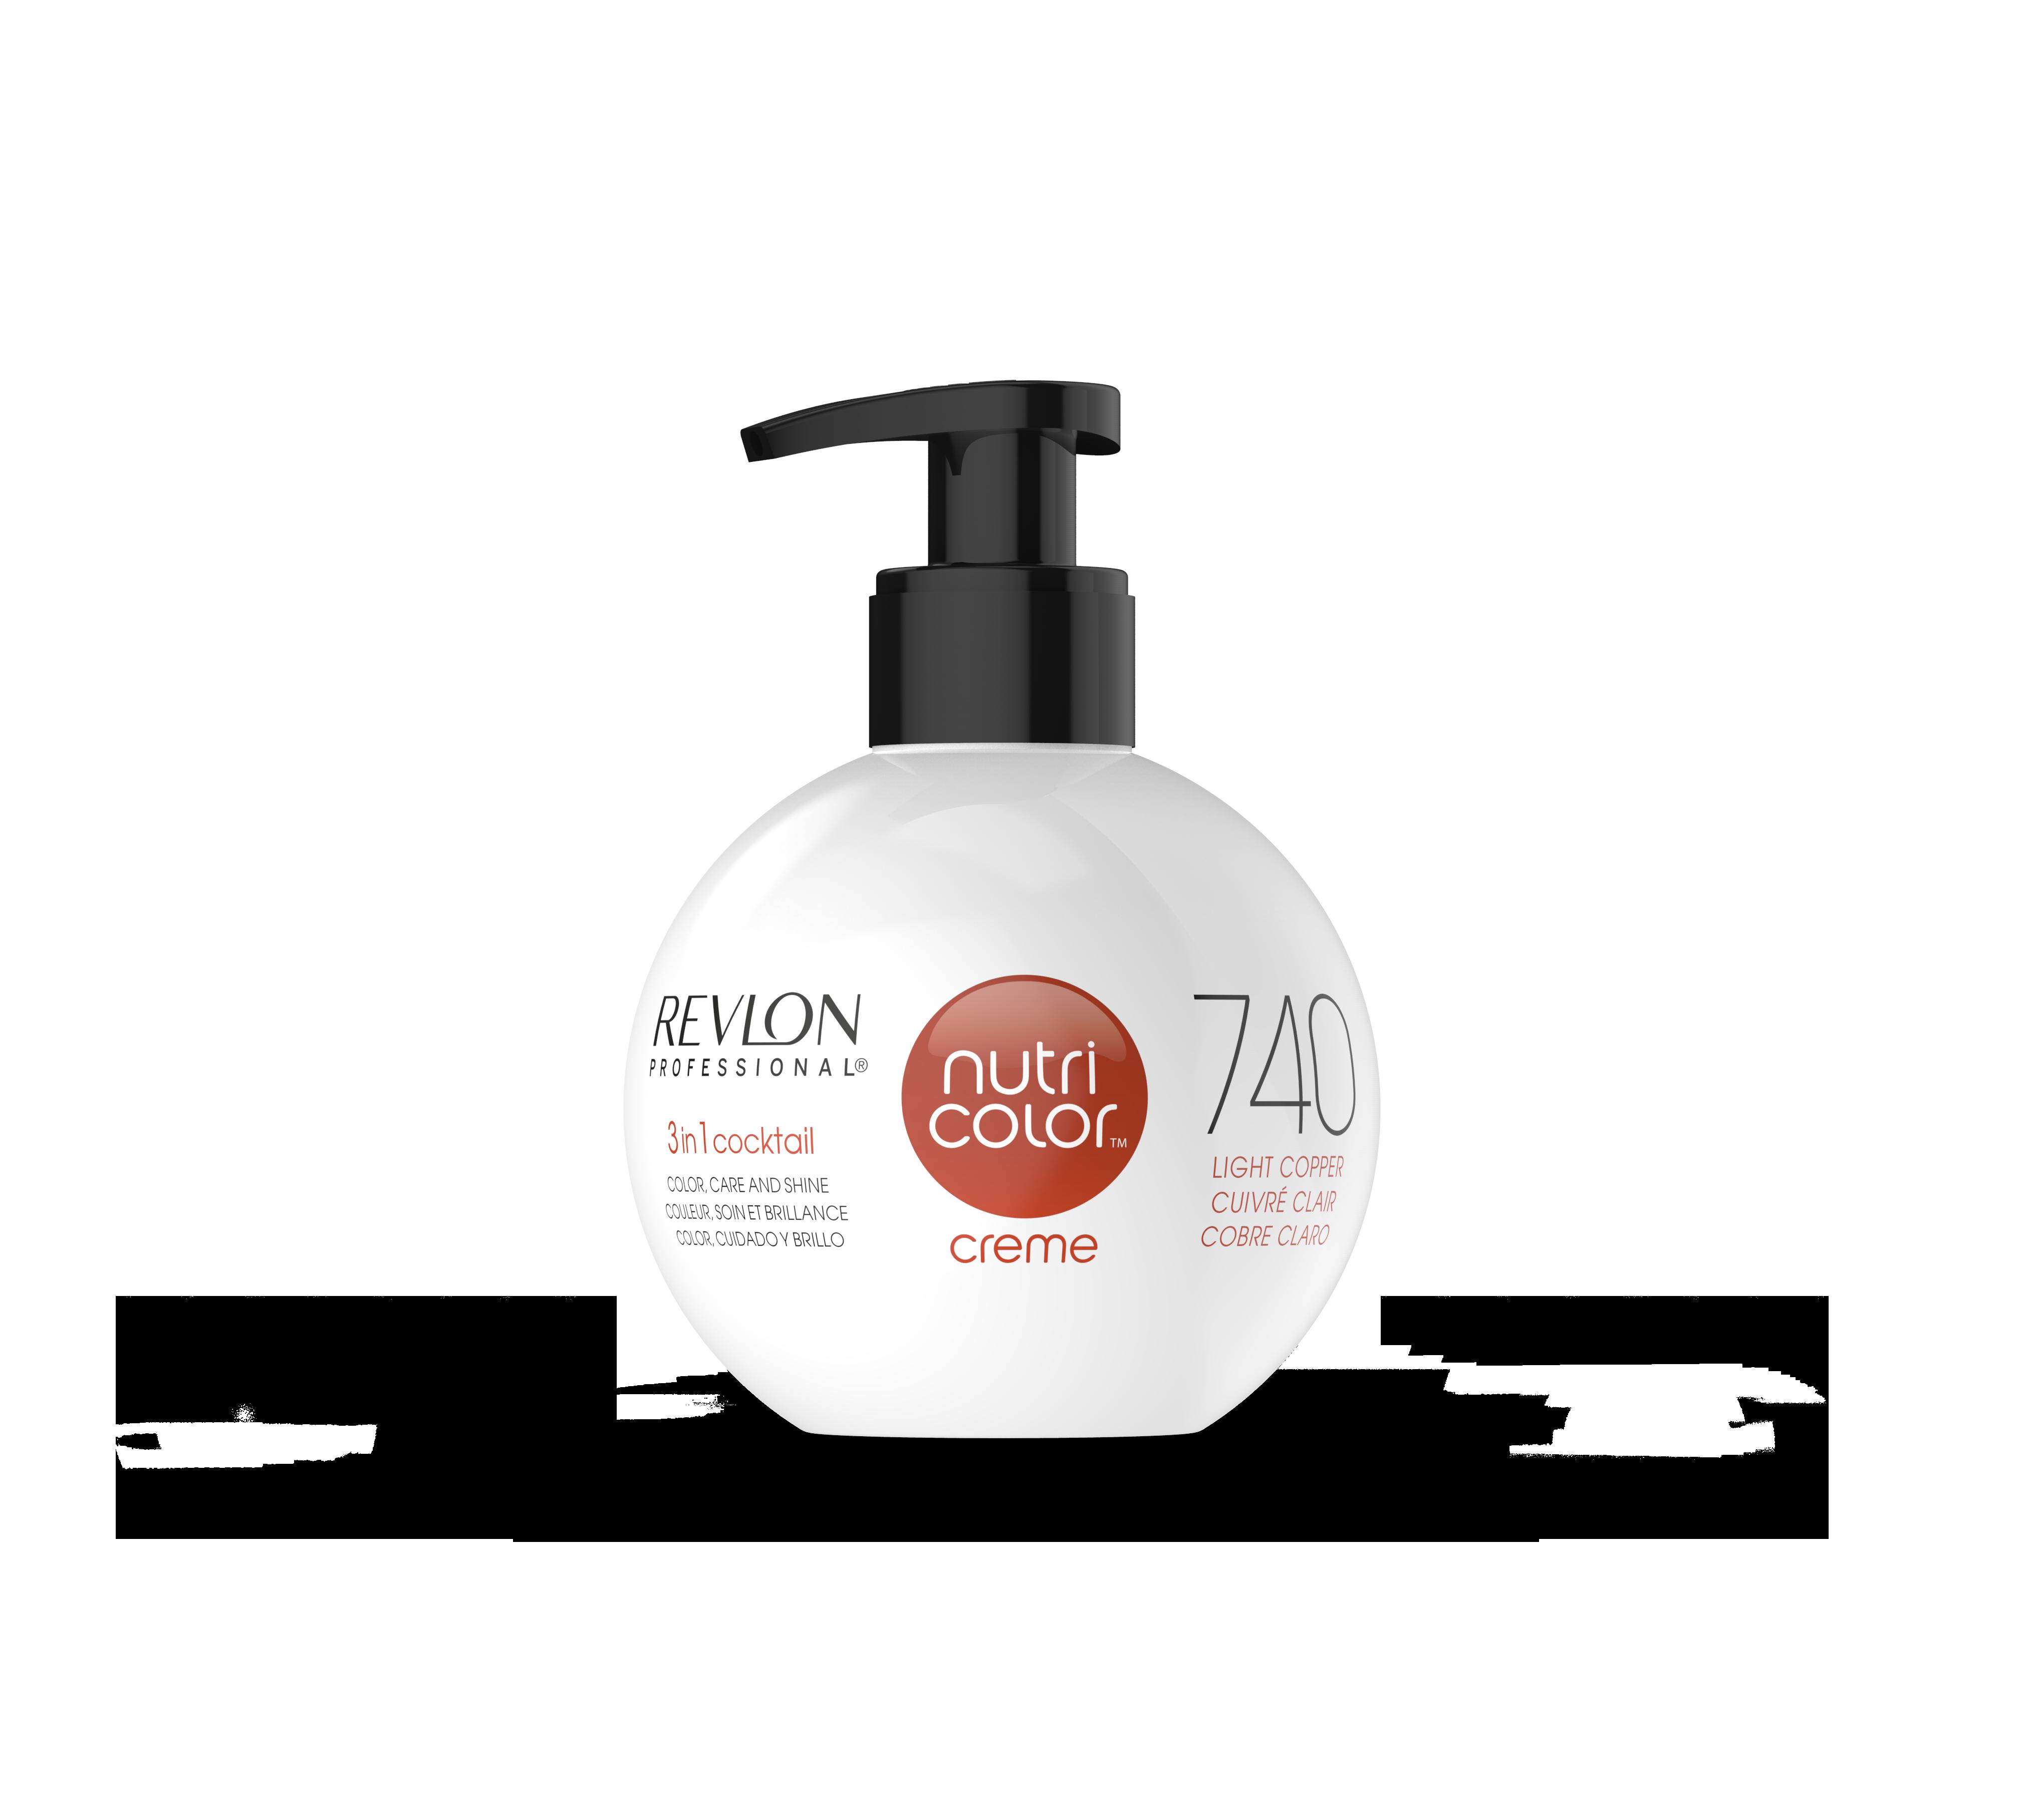 Купить REVLON Professional 740 краска 3 в 1 для волос, медный / NUTRI COLOR CREME 250 мл, Золотистый и медный